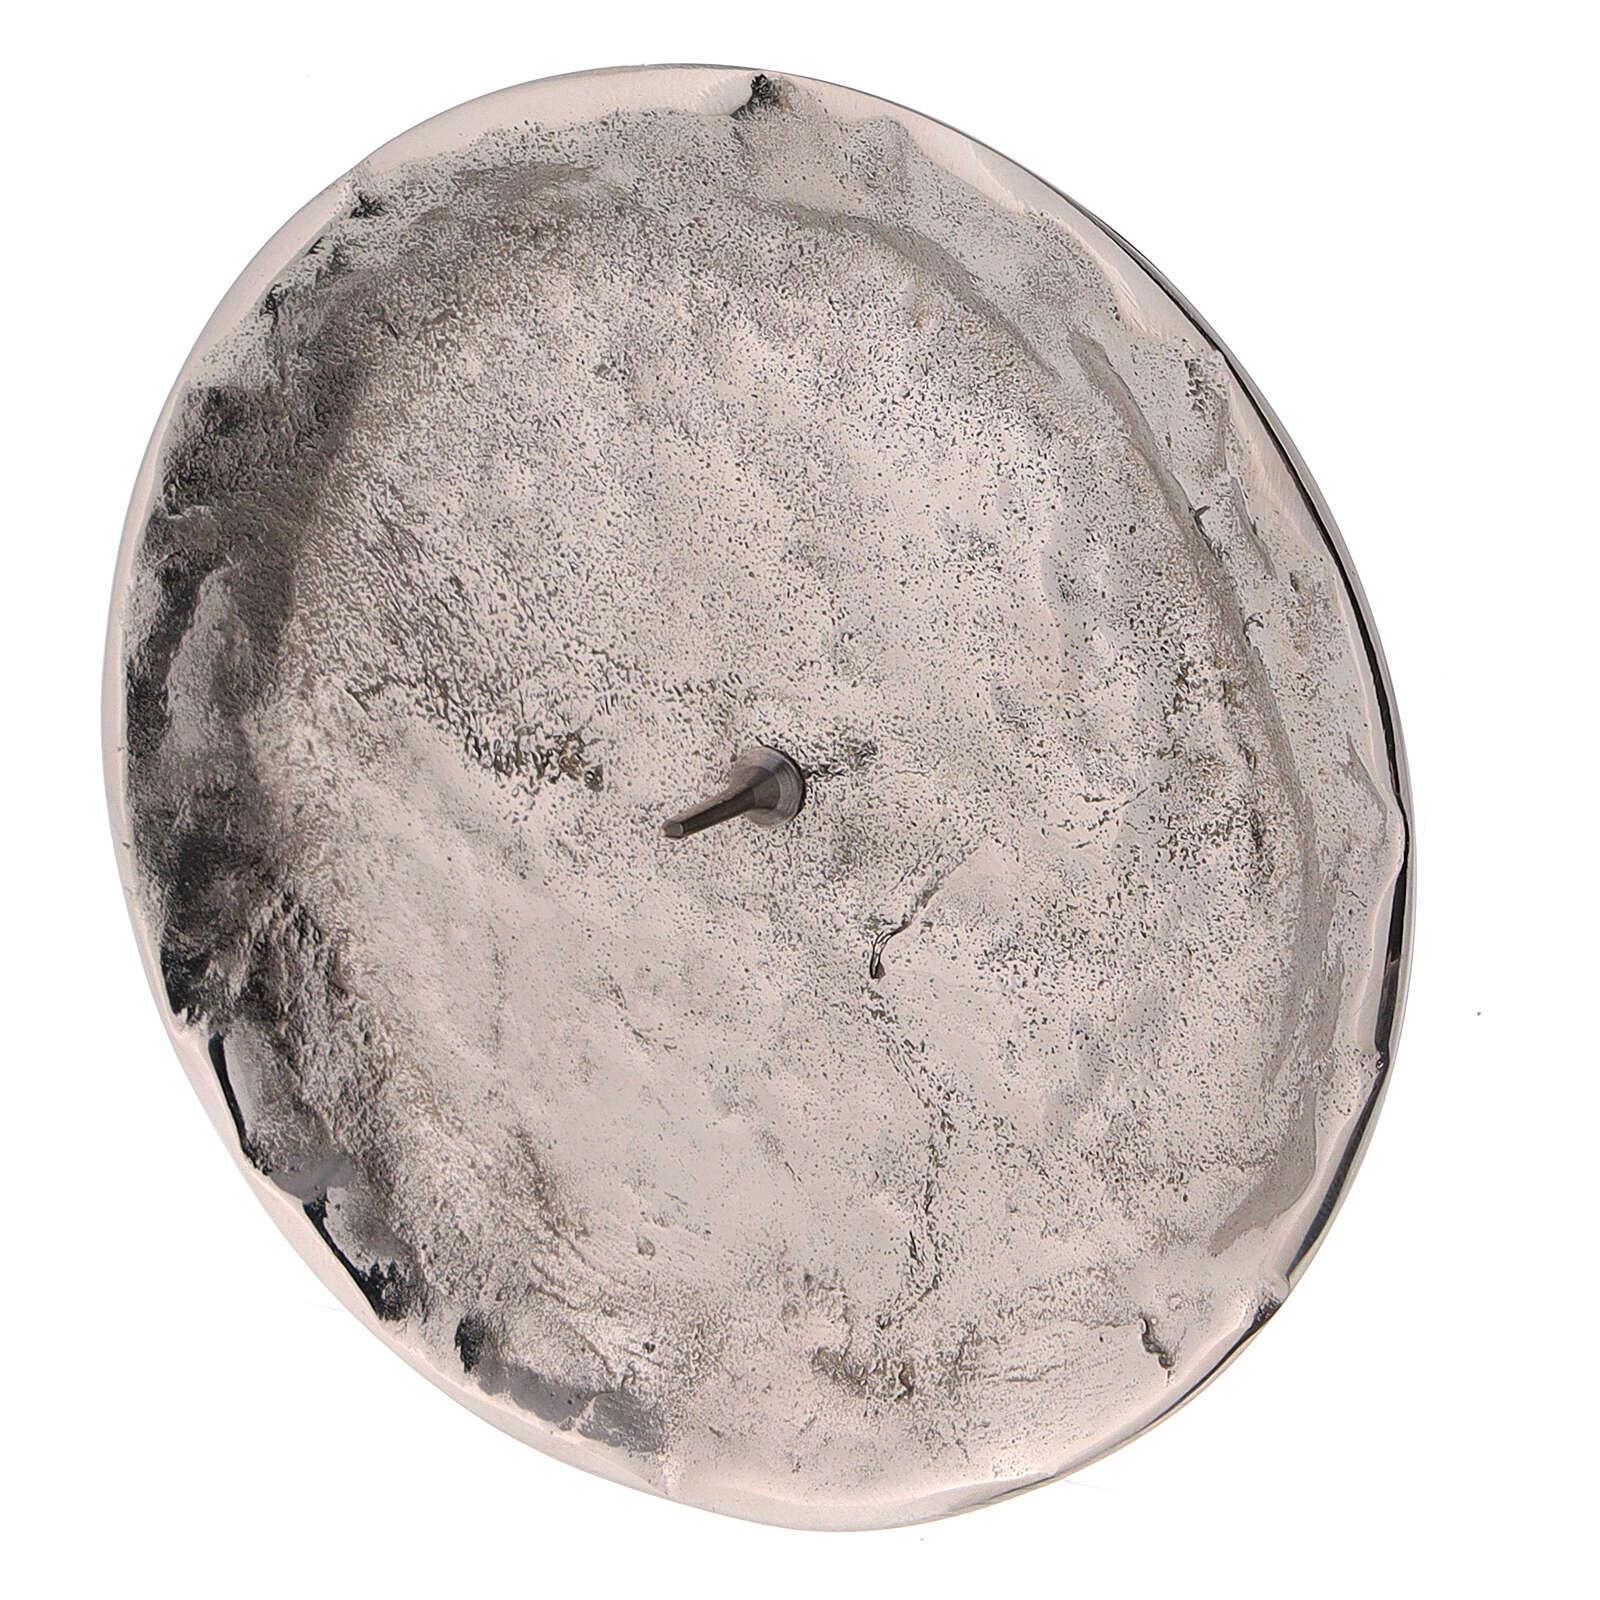 Plato para velas irregular punta d. 9 cm latón niquelado 3